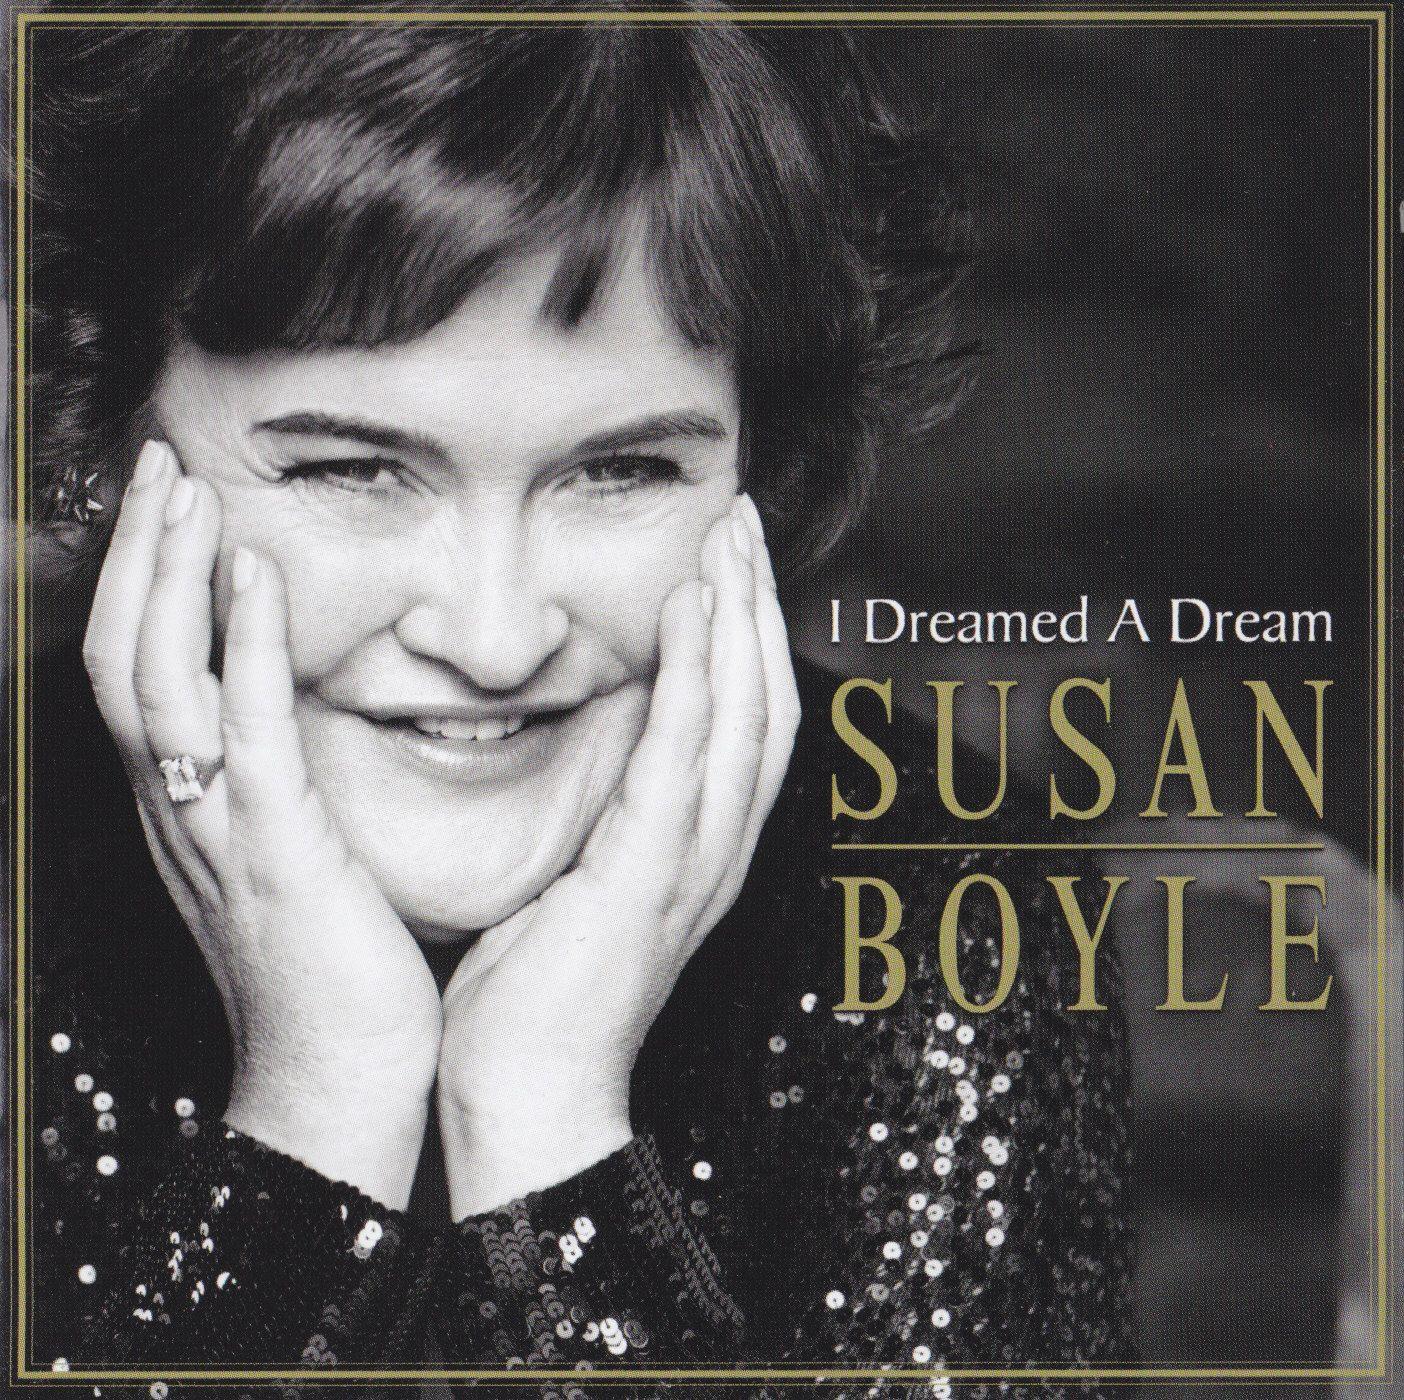 Susan Boyle - I Dreamed A Dream album cover